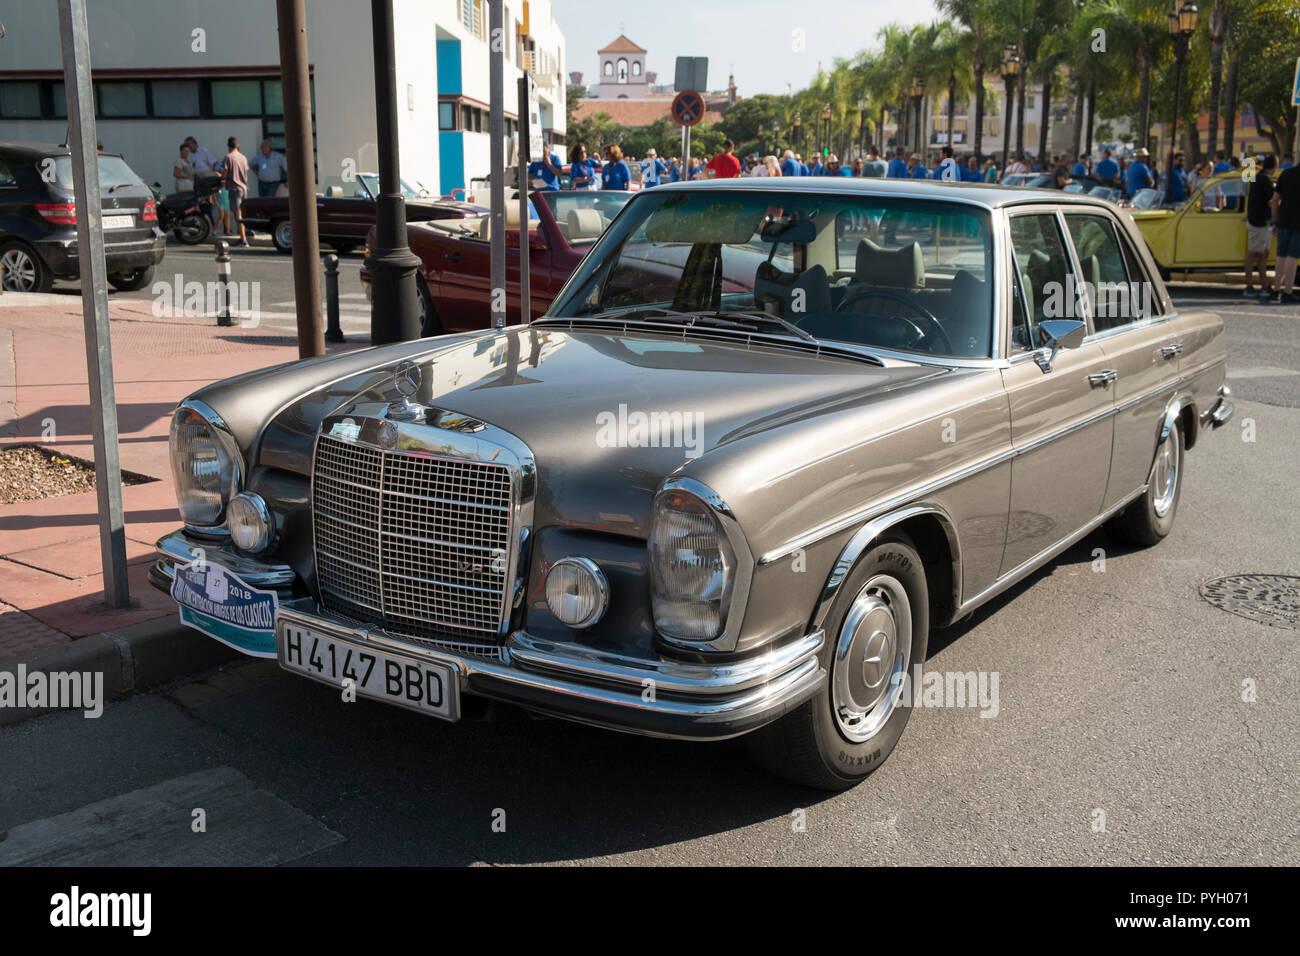 Mercedes 280 SE. Reunión de coches clásicos en Torremolinos, Málaga, España. Foto de stock